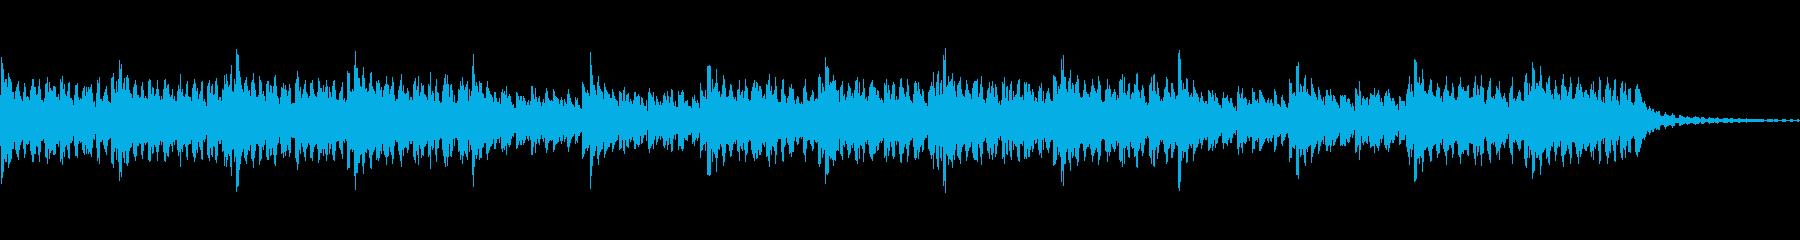 朝露をイメージしたミニマルインストの再生済みの波形